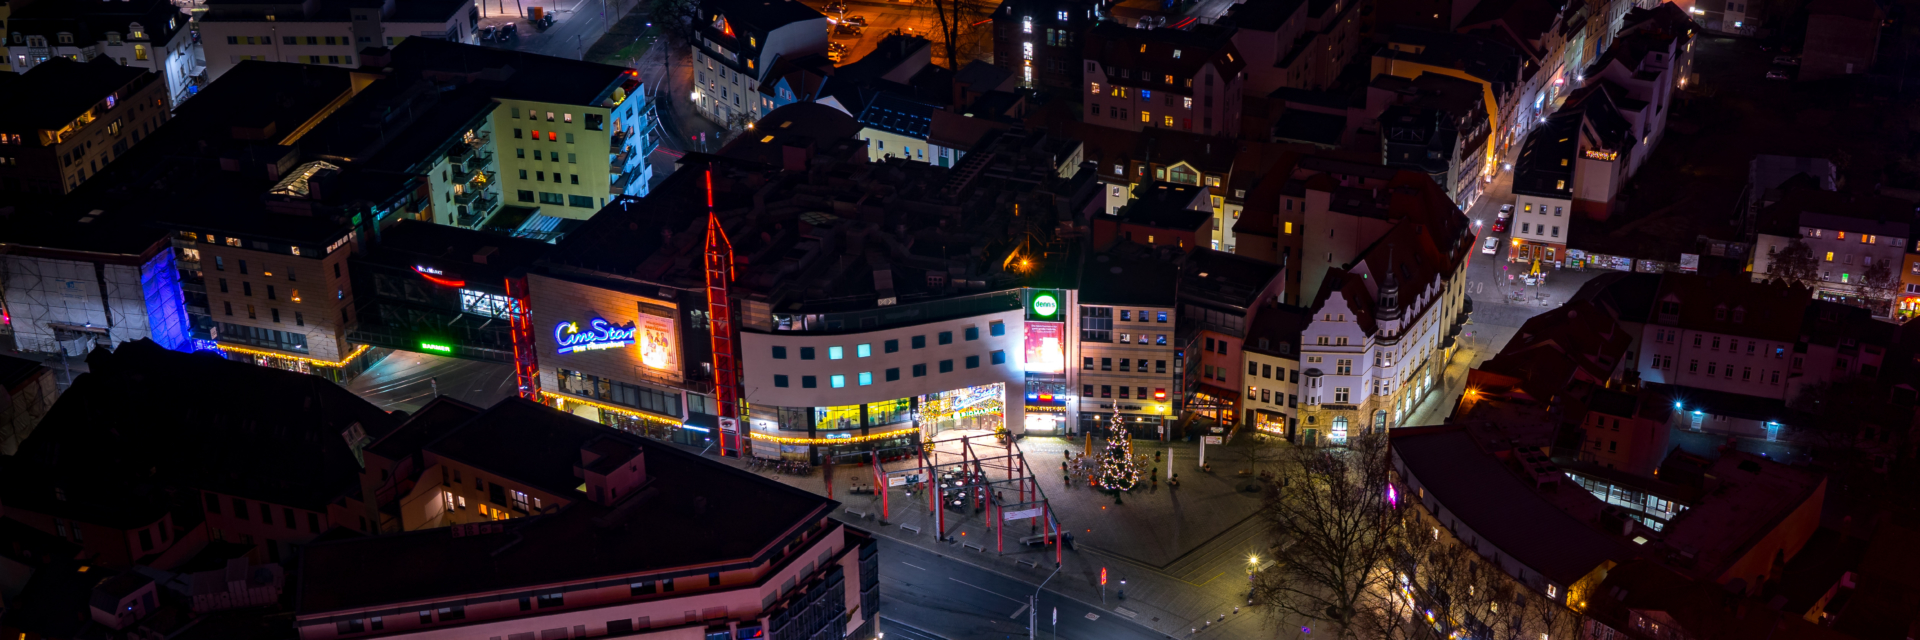 Holzmarkt bei Nacht im Stadtzentrum von Jena